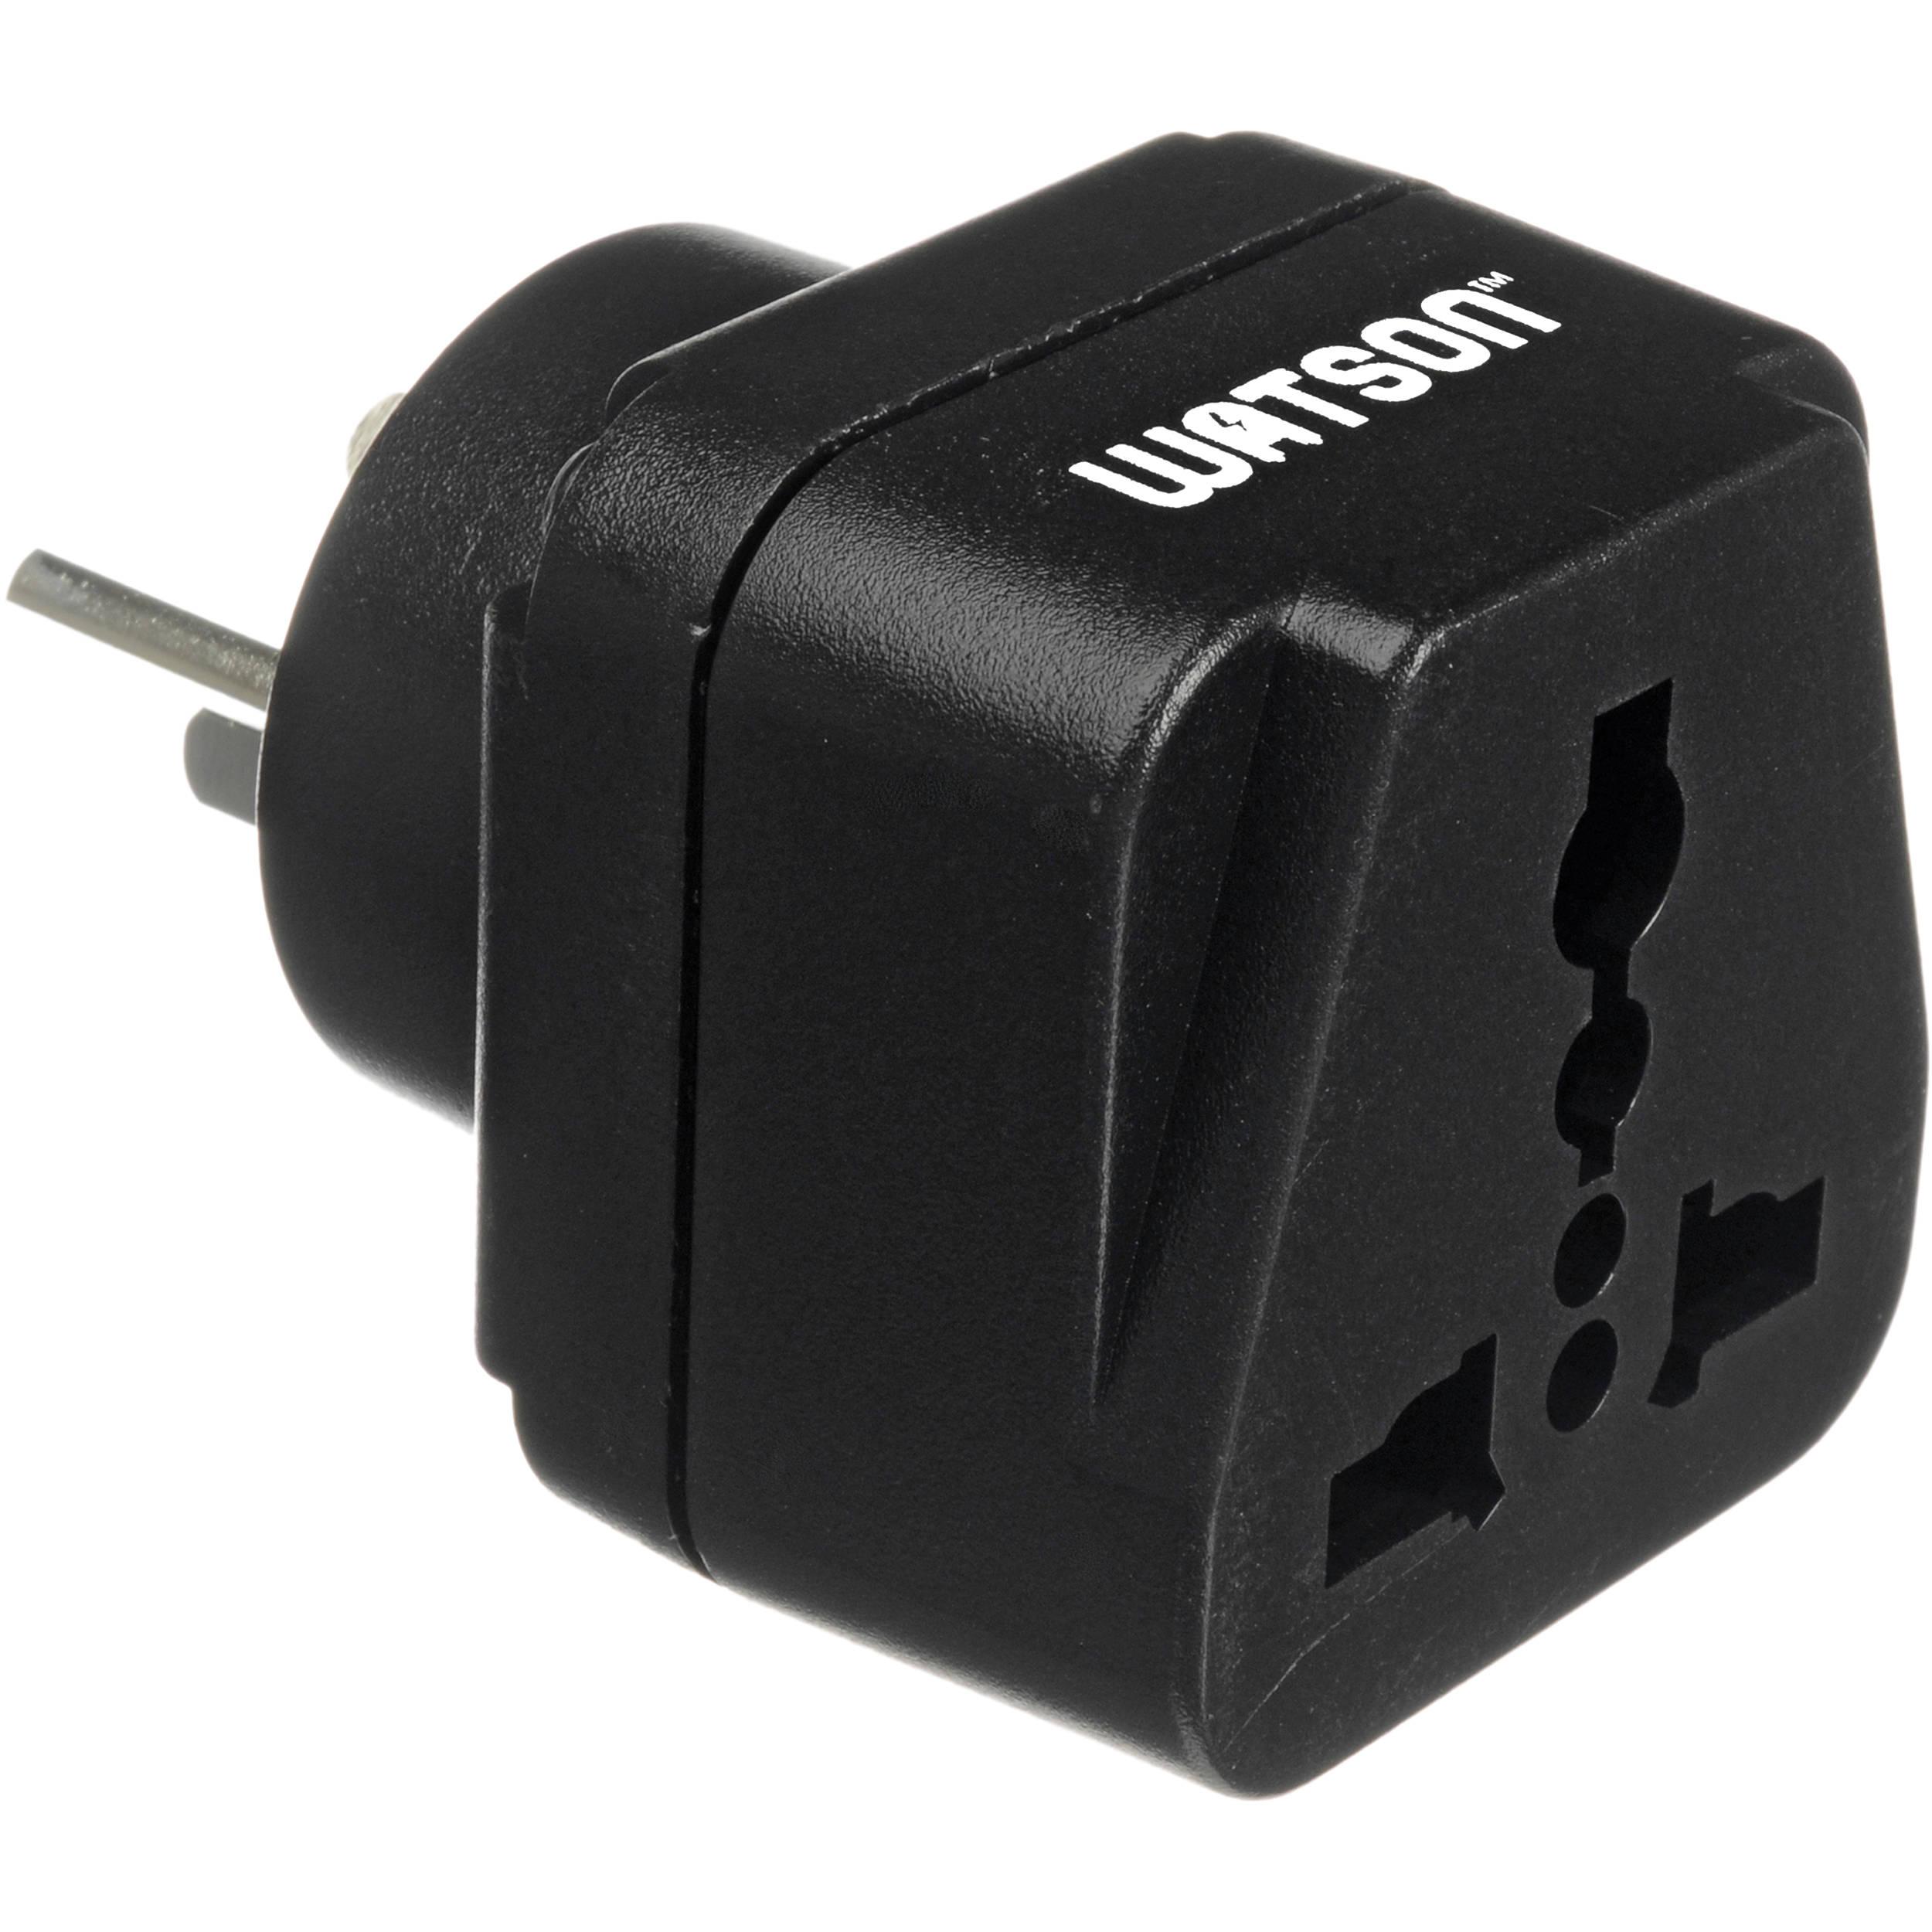 Watson Adapter Plug 3 Prong Usa To 3 Prong Israel Apg Usa Ie